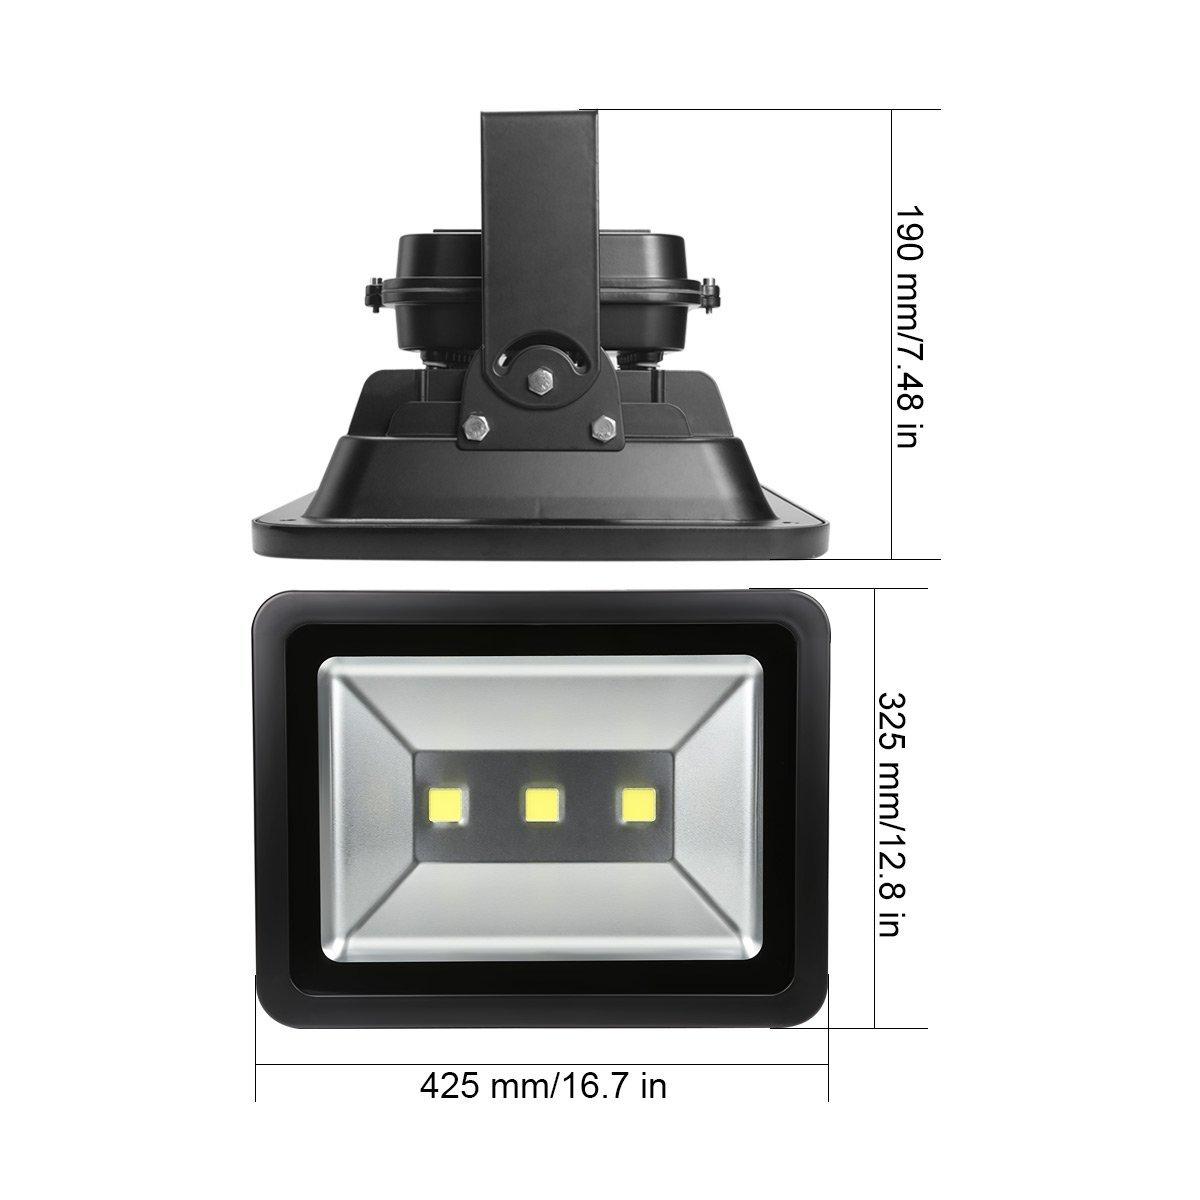 Đèn pha led 150W loại tốt, dùng cho quảng cáo ngoài trời hoặc sân vườn, sản phẩm bảo hành 2 năm, sản phẩm đủ watt